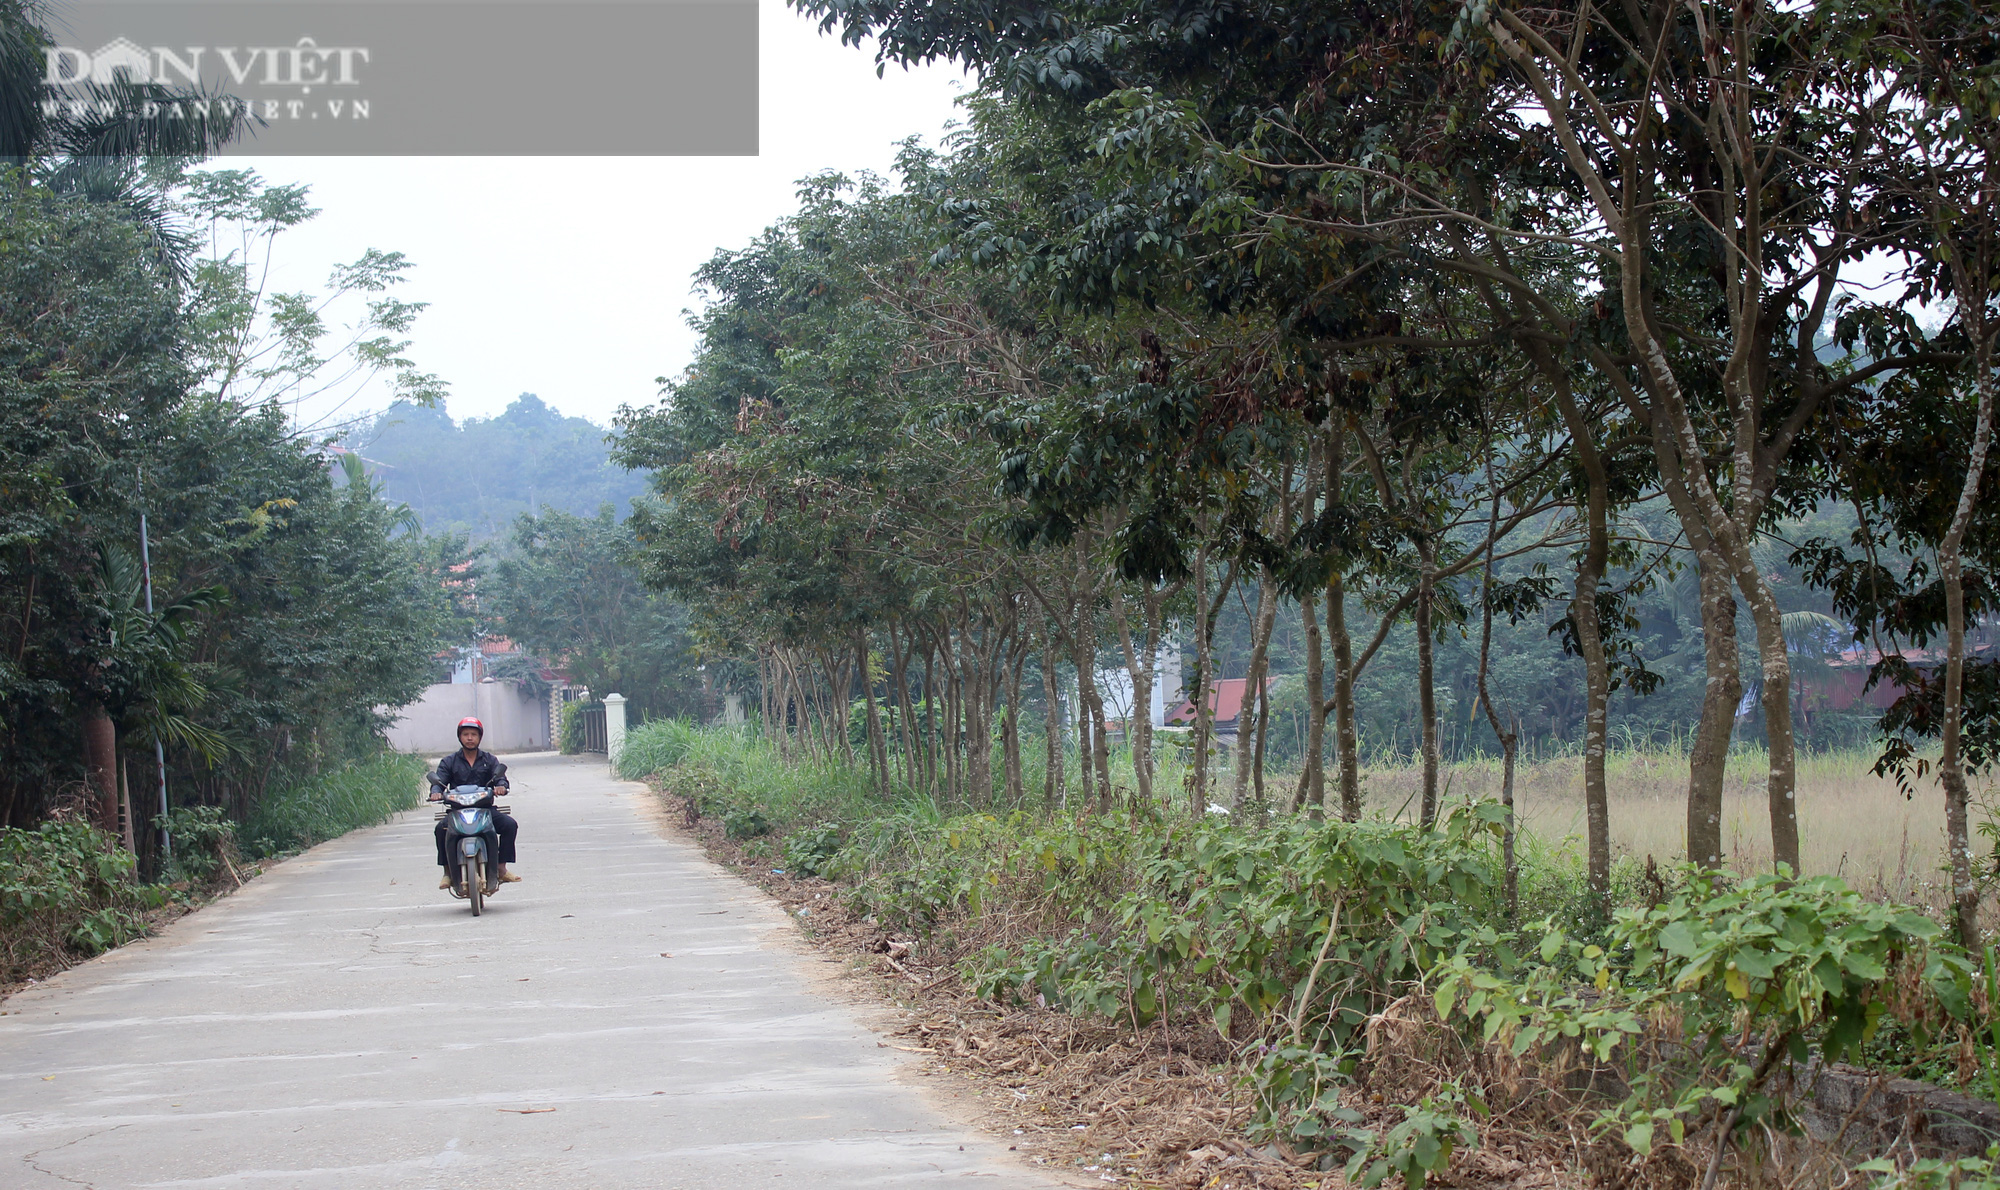 Phú Thọ : Choáng ngợp với thủ phủ sưa đỏ, ra đường gặp tỷ phú - Ảnh 1.